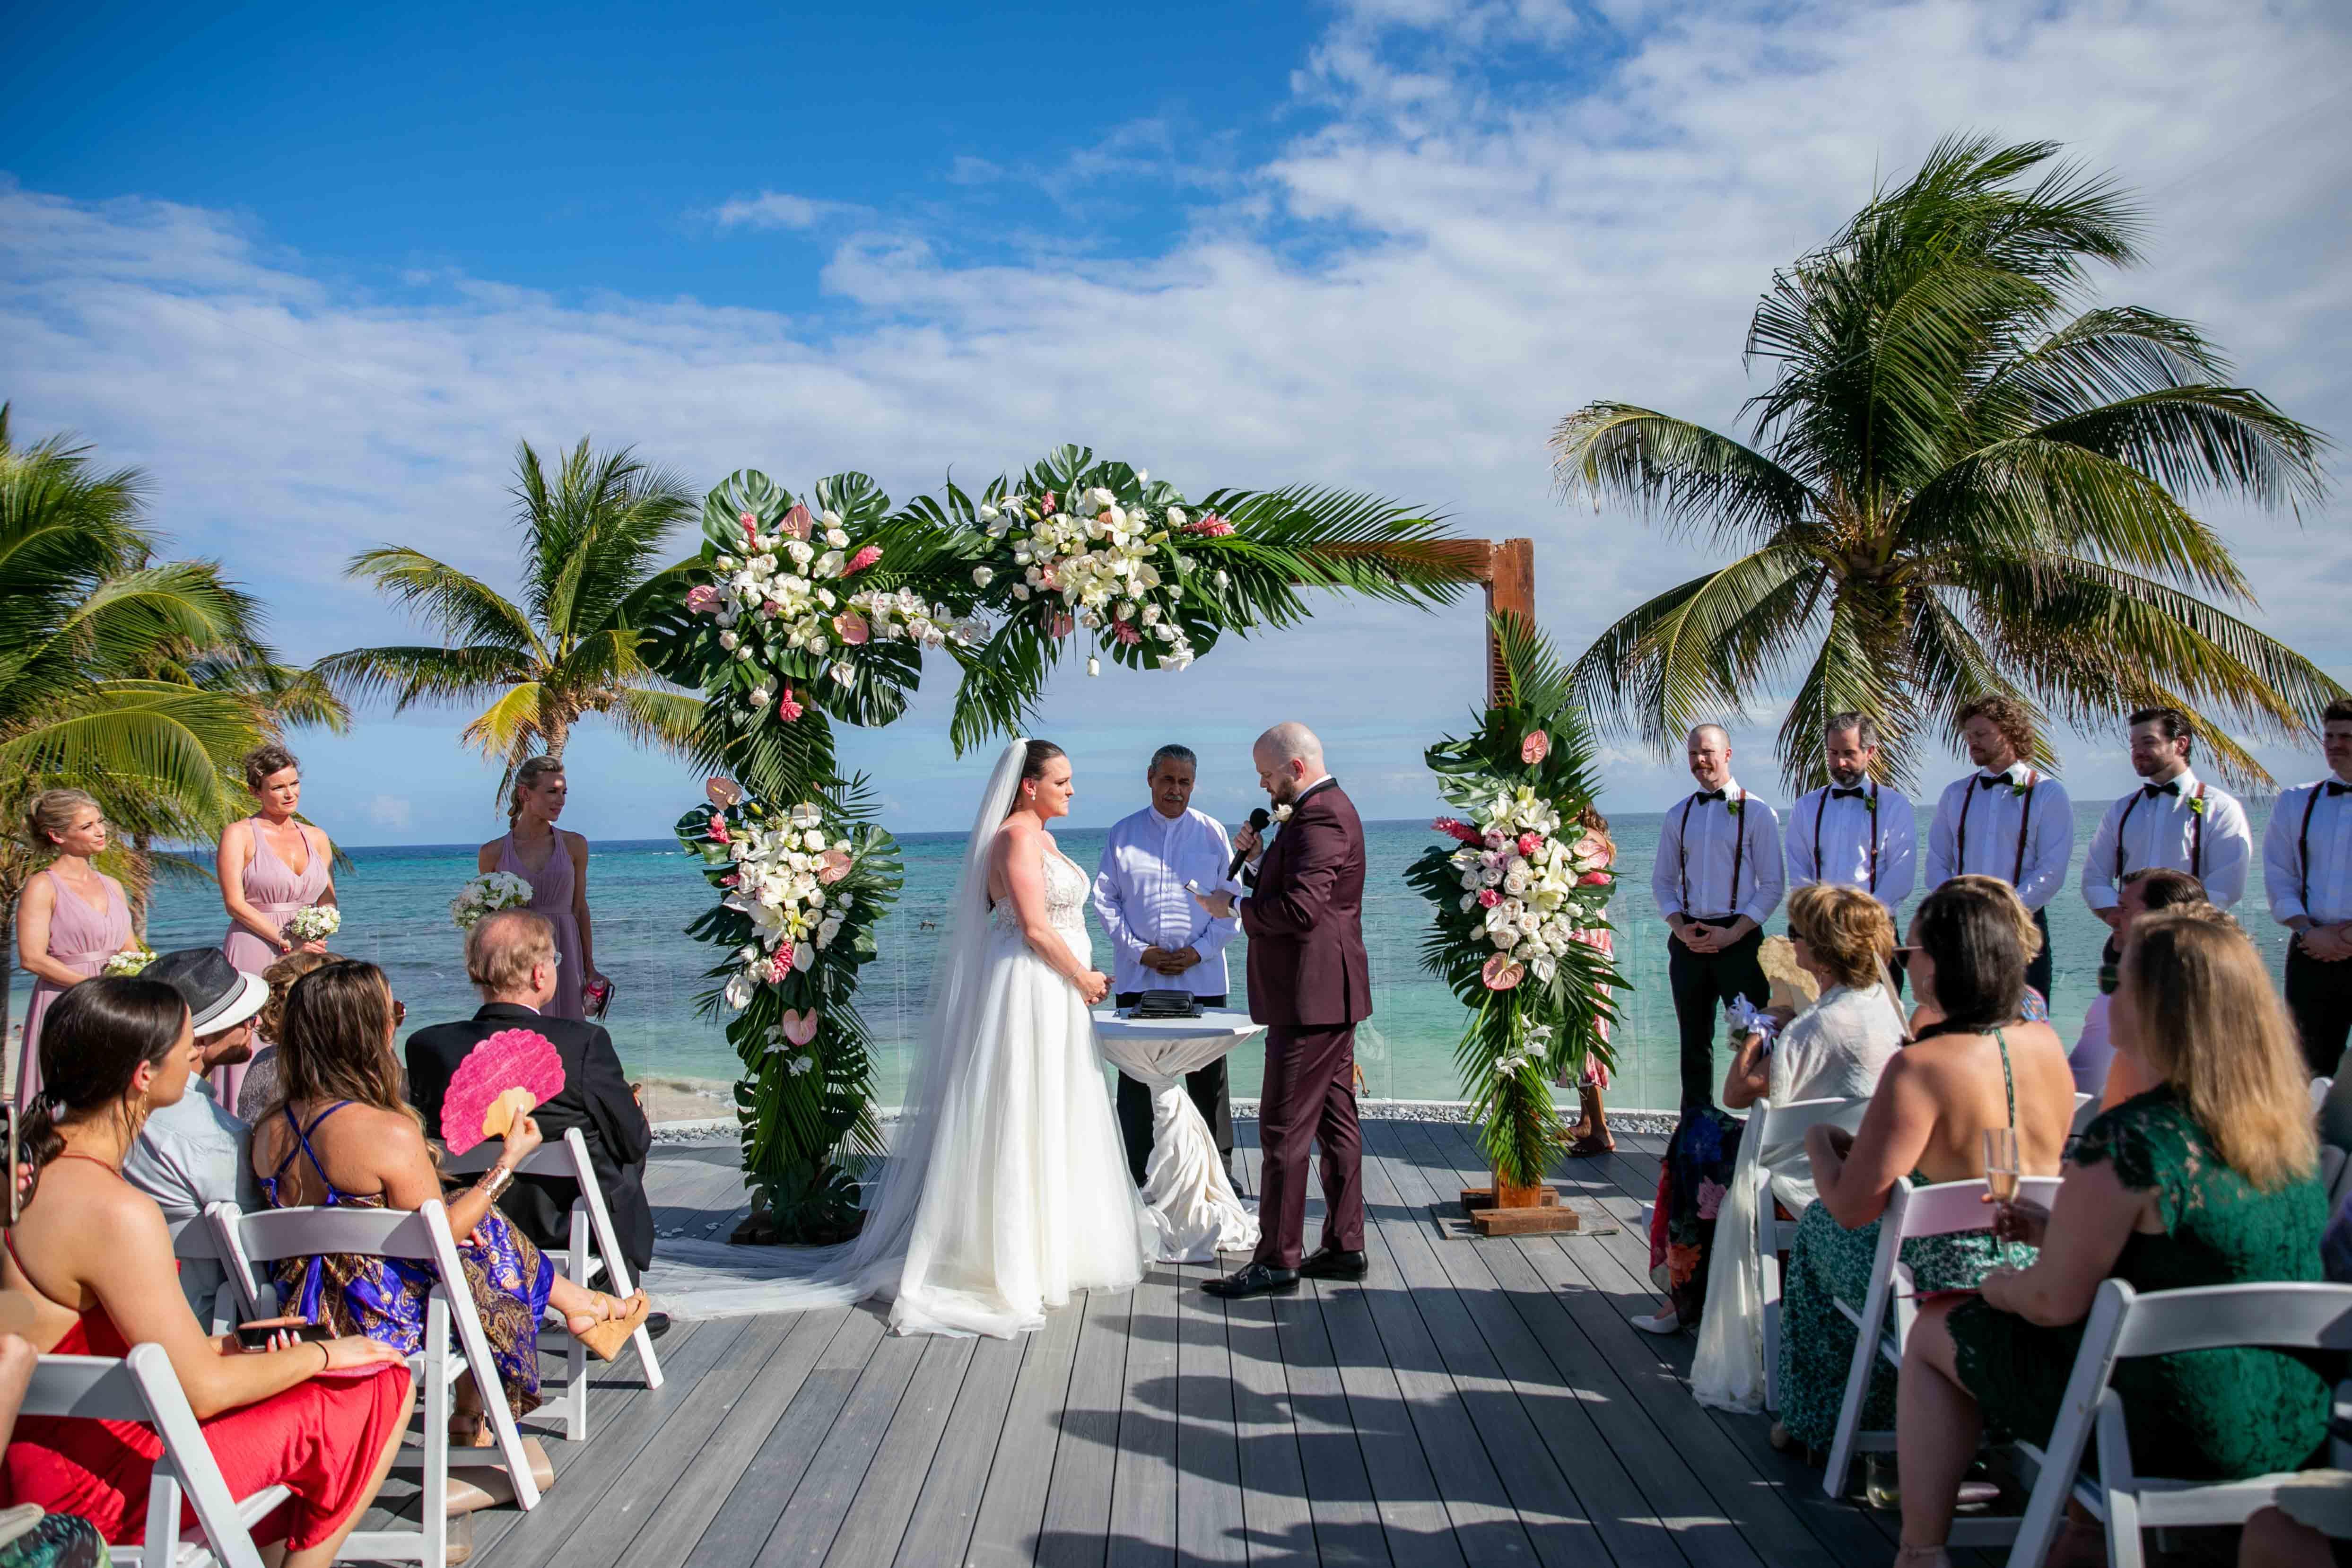 Jenn Colin Dreams Tulum Wedding 23 - Jennifer & Colin - Dreams Tulum